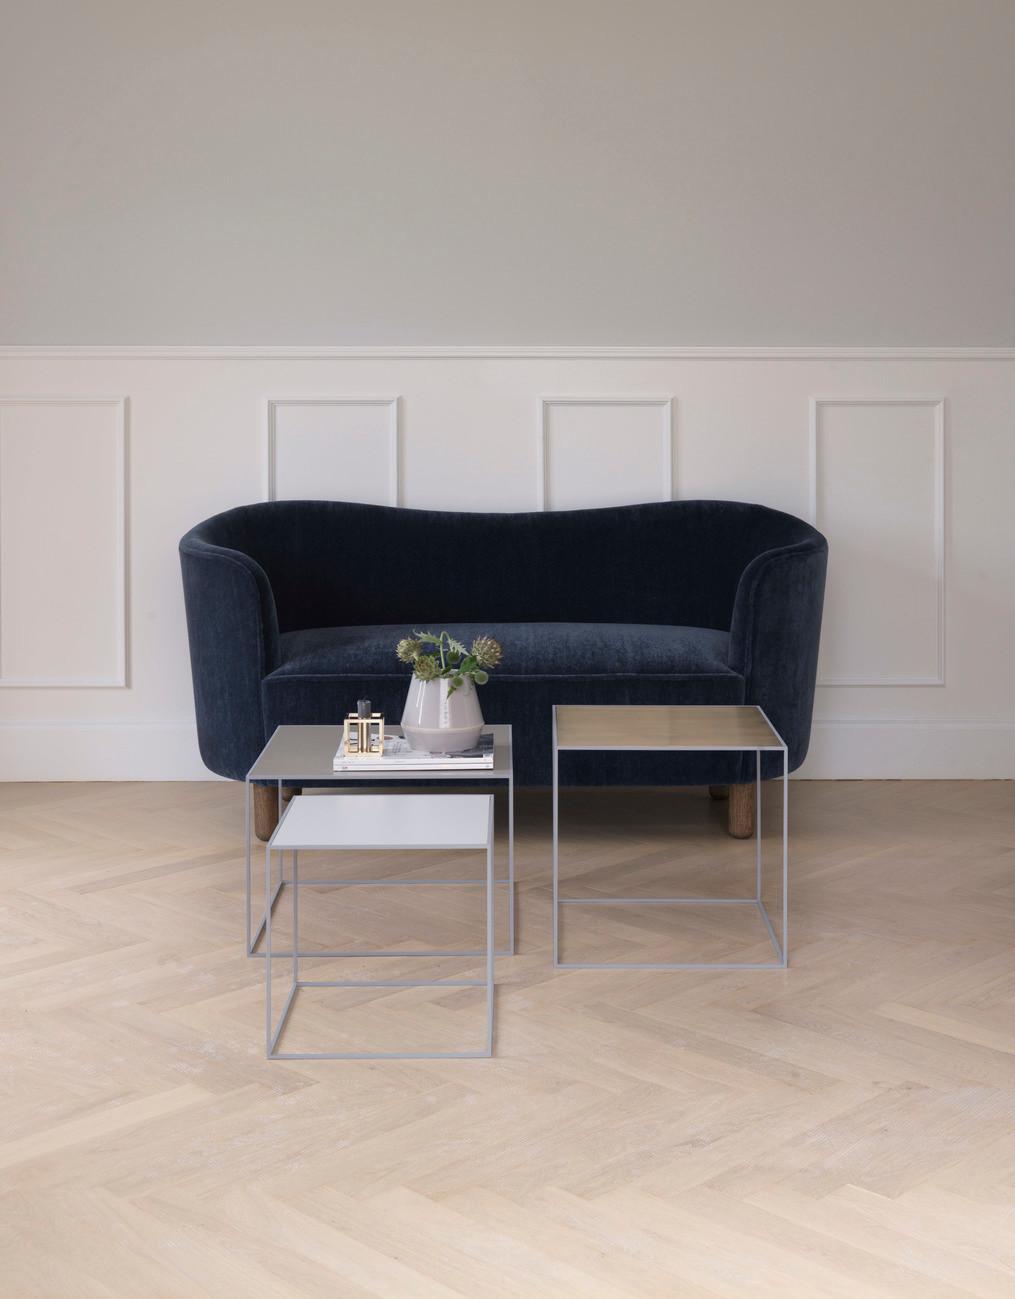 Fremragende Twin 49 bord | Køb sofabord fra By Lassen her ZW46